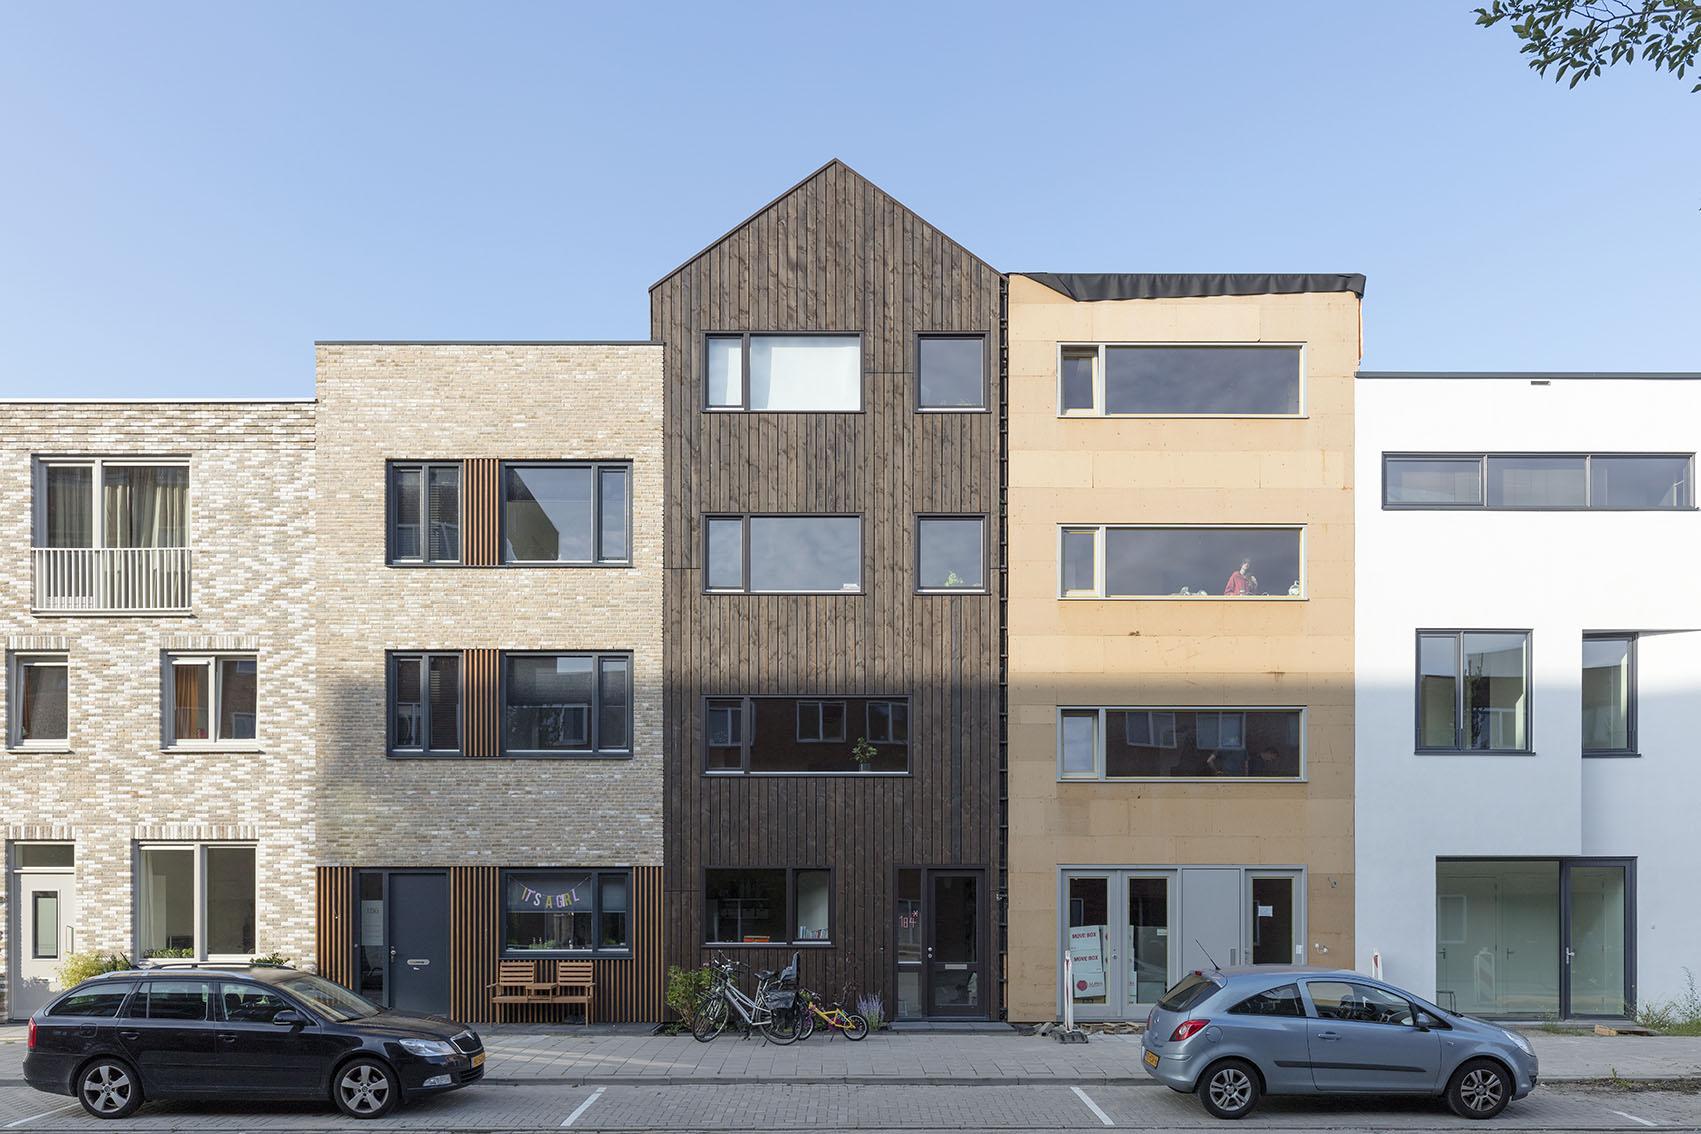 <p>Kavel 8 &#8211; straatbeeld  foto: Marcel van der Burg</p>